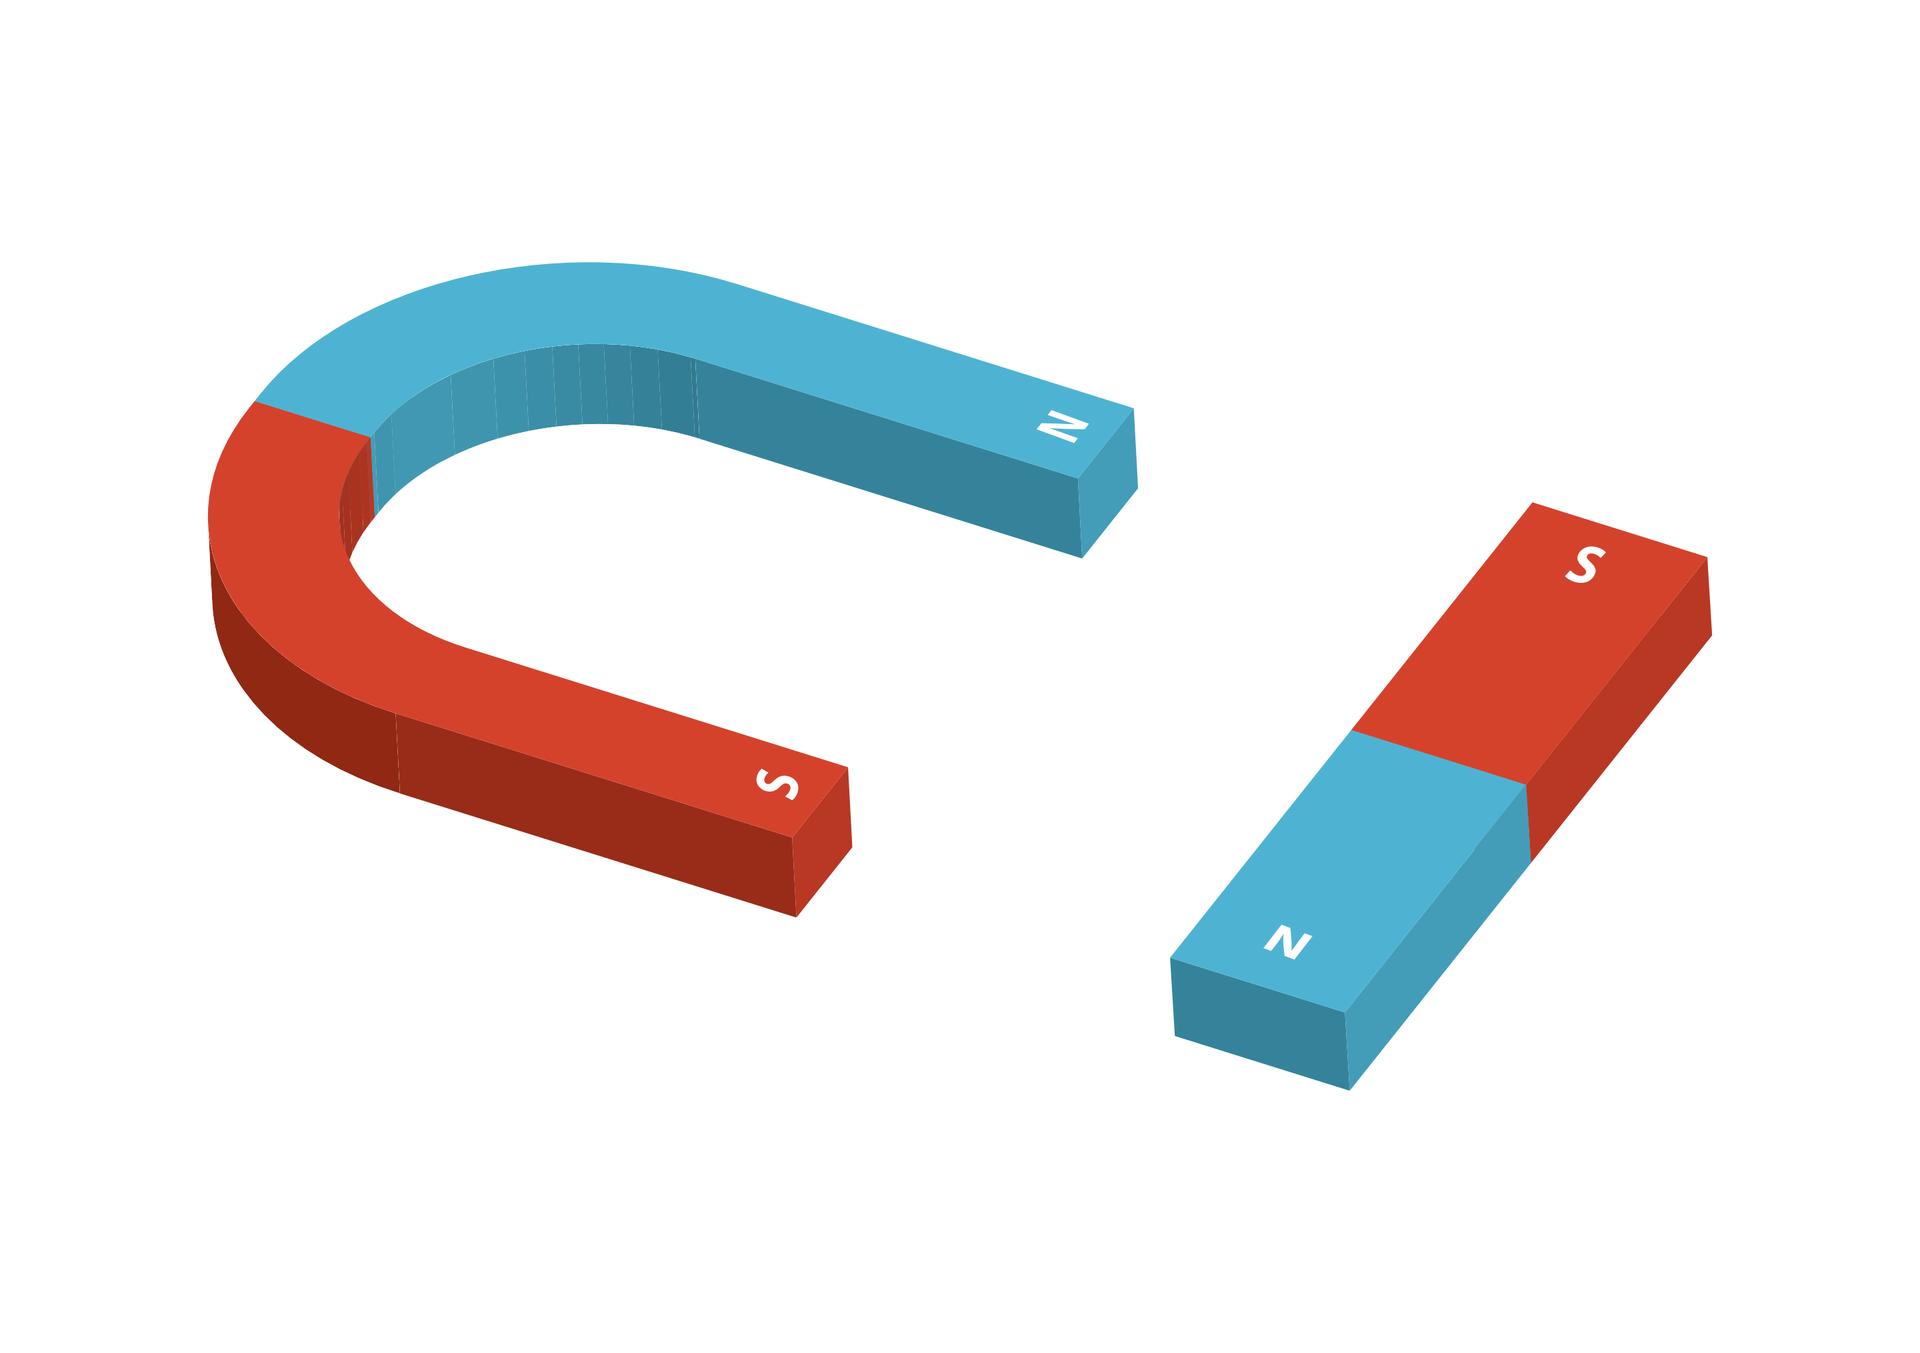 Ilustracja przedstawia dwa magnesy. Magnes podkowiasty isztabkowy. Pierwszy ma kształt podkowy. Drugi ma kształt prostopadłościanu. Na obu oznaczono bieguny. Jedna połowa pierwszego magnesu ma kolor niebieski. Oznaczona została literą N. Druga połowa ma kolor czerwony. Oznaczona literą S. Wdrugim magnesie jedna połowa ma kolor niebieski ioznaczenie N. Druga połowa ma kolor czerwony ioznaczenie S.